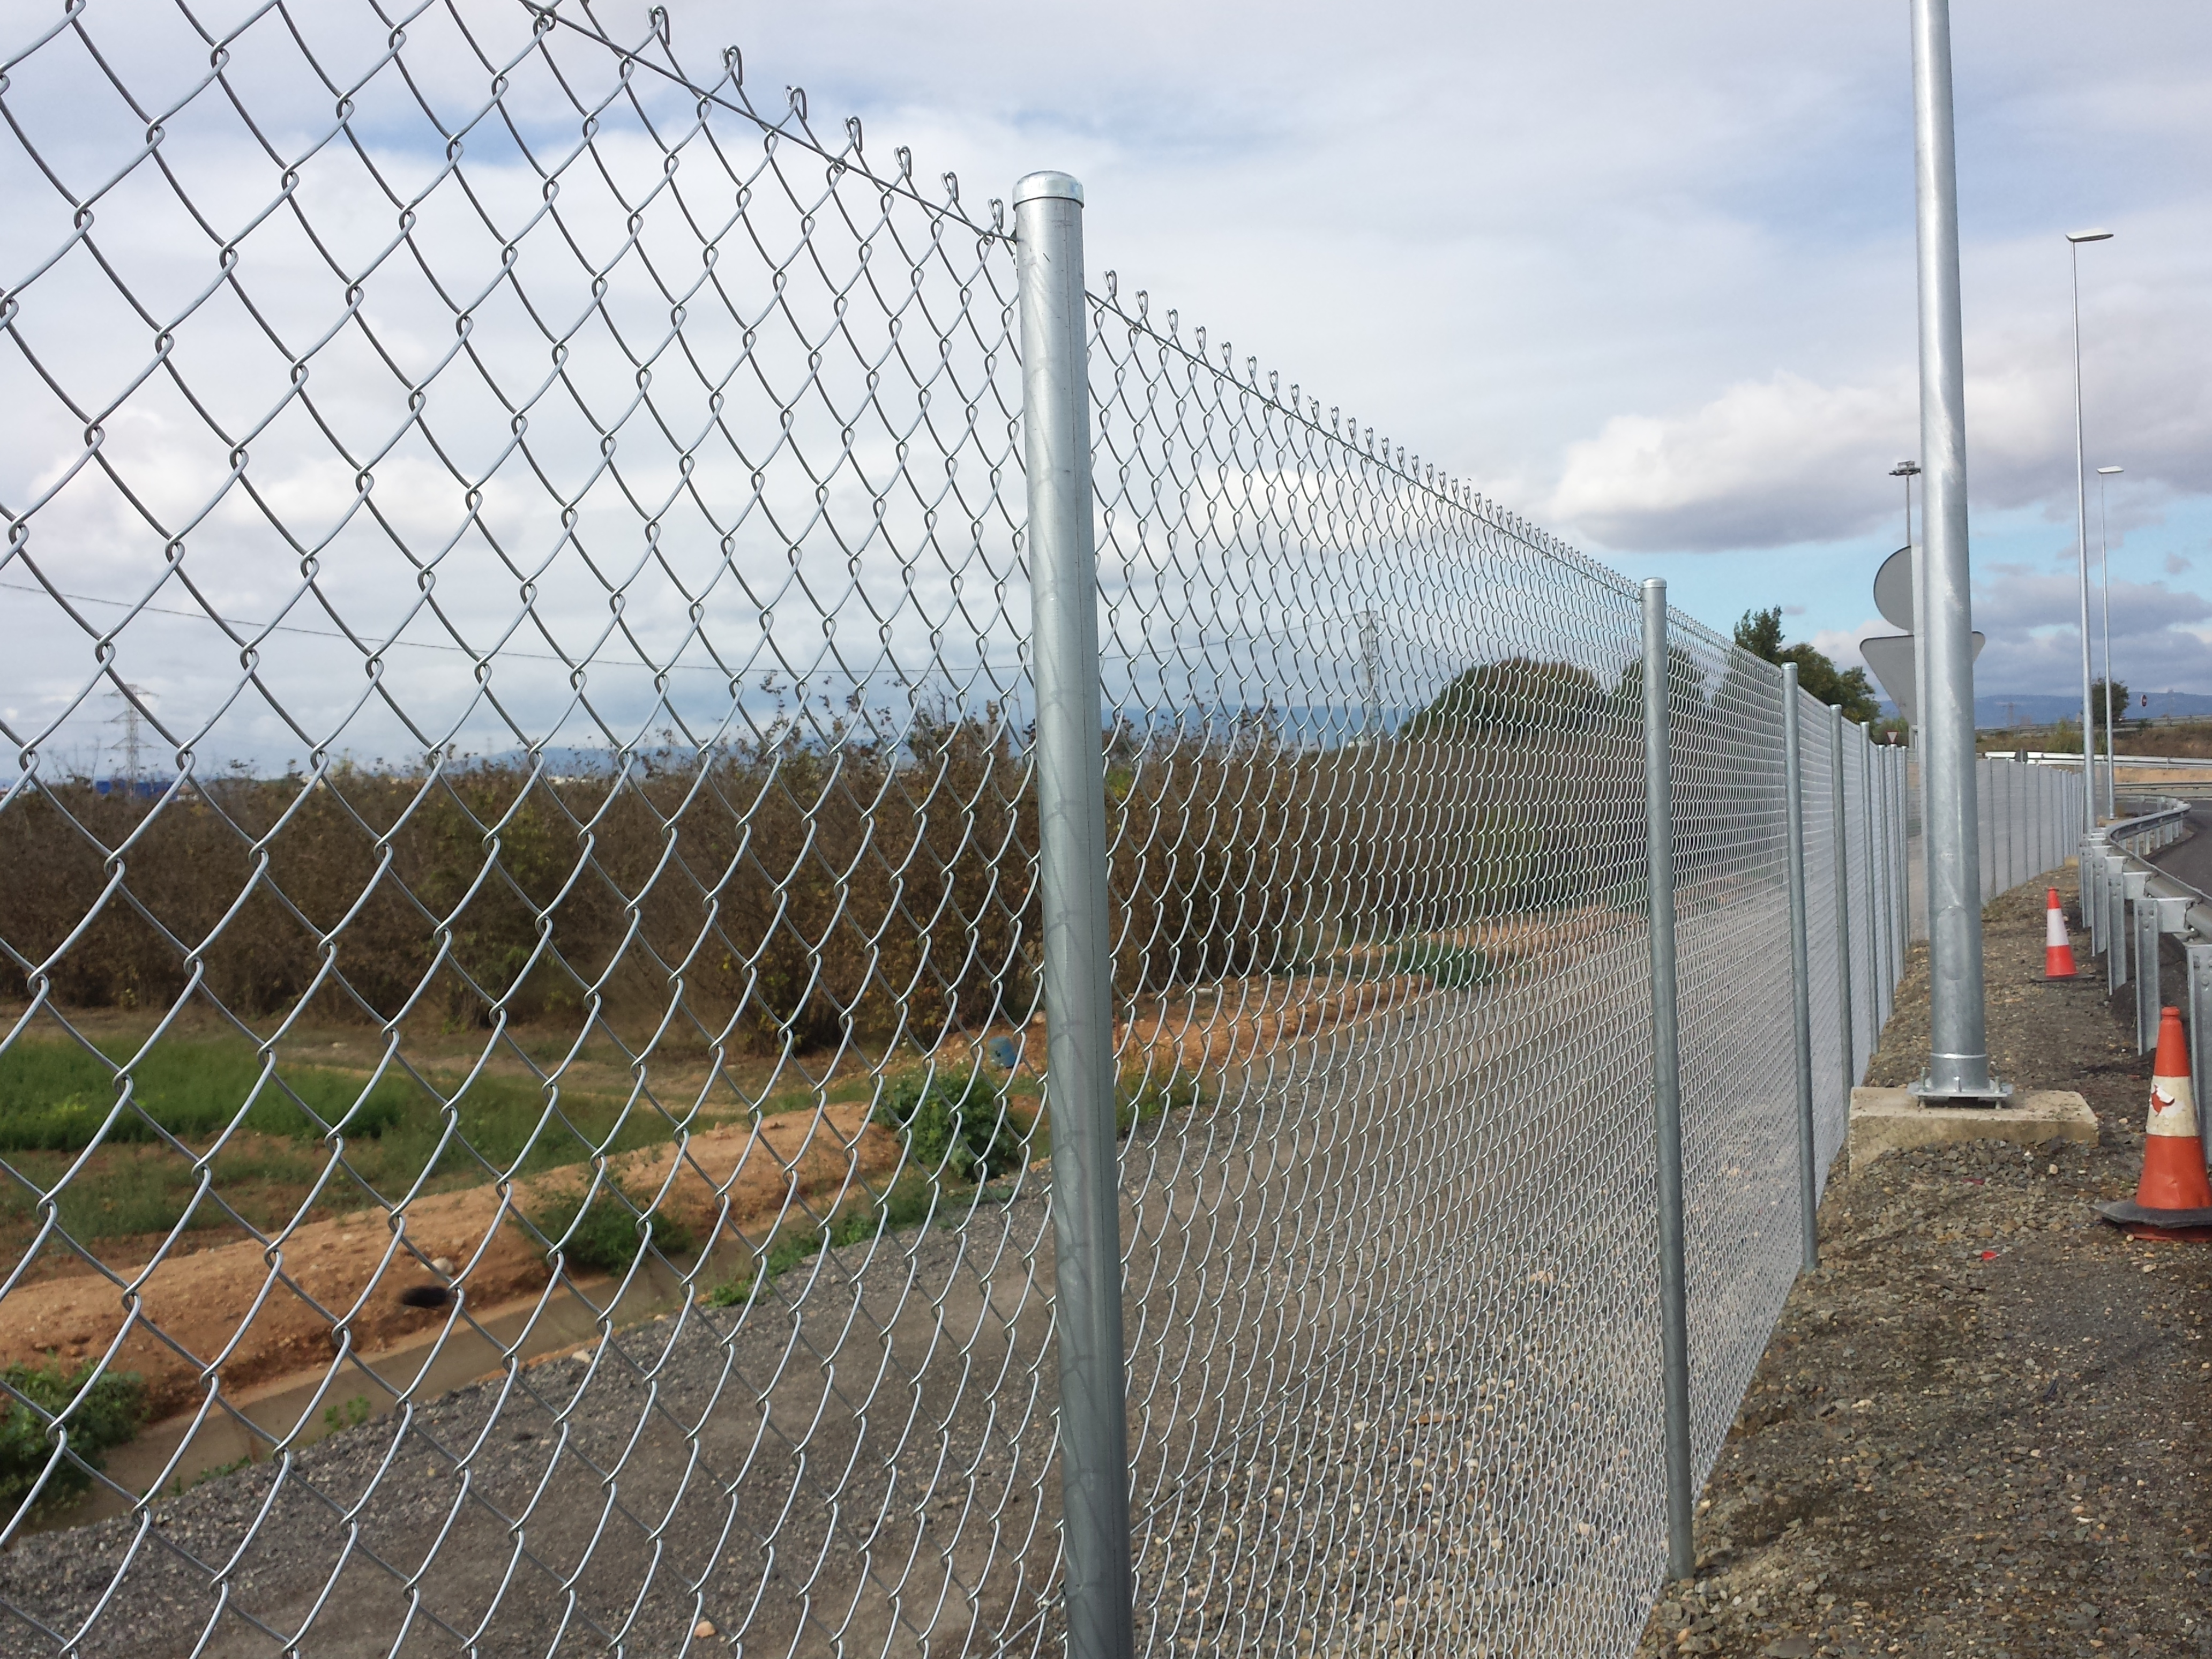 Vinuesa vallas cercados montaje valla vallados cercados - Vallar un terreno ...